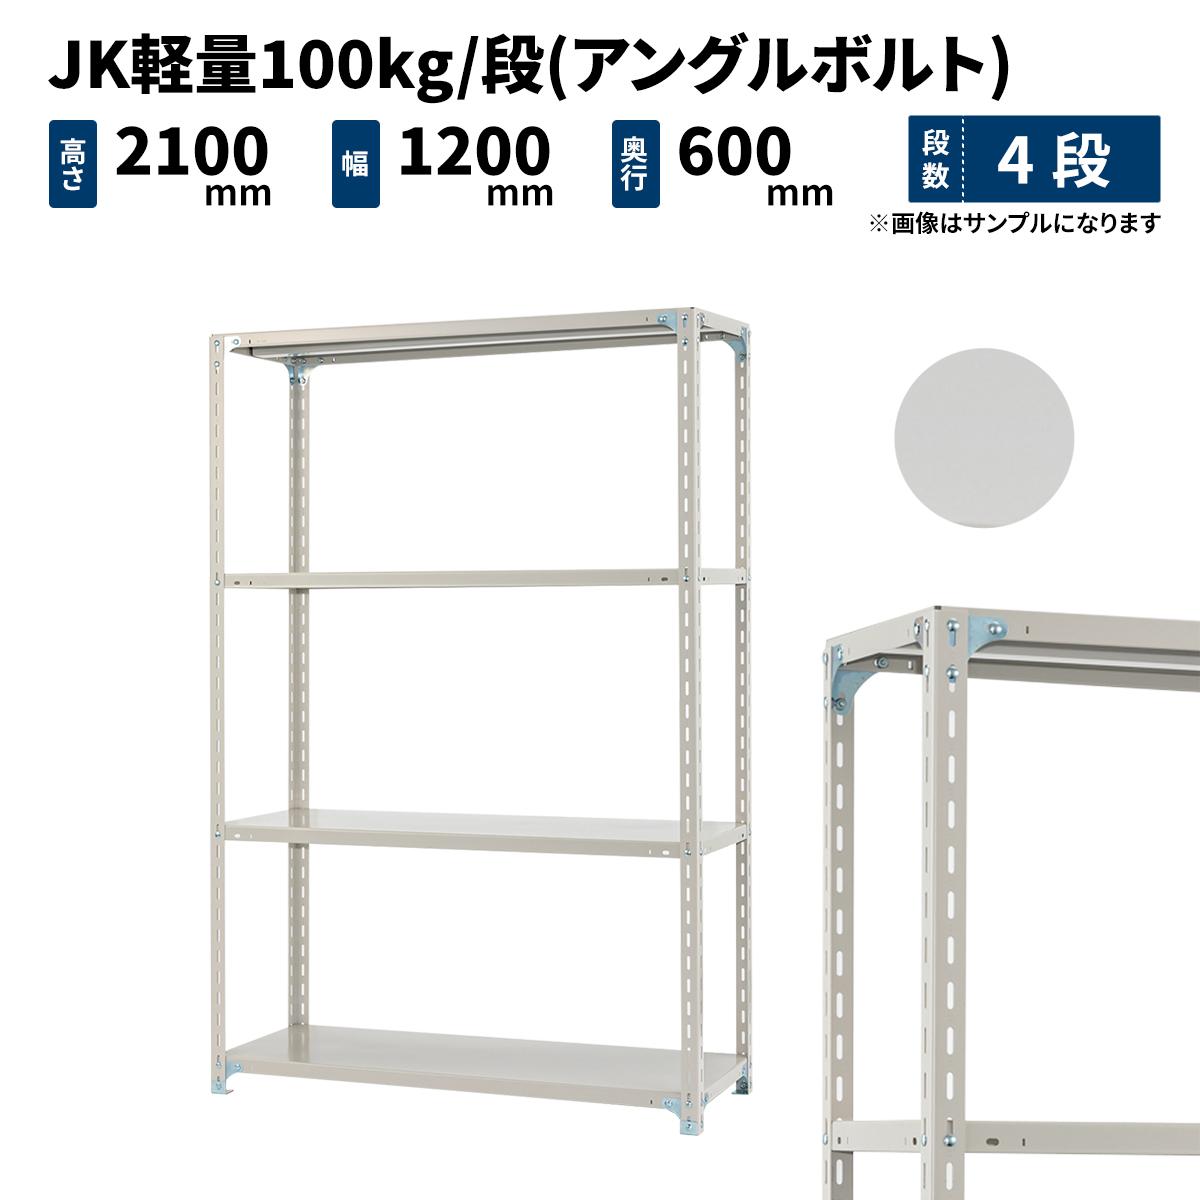 スチールラック 業務用 JK軽量100kg/段(アングルボルト) 高さ2100×幅1200×奥行600mm 4段 ホワイトグレー (42kg) JK100BT-211206-4